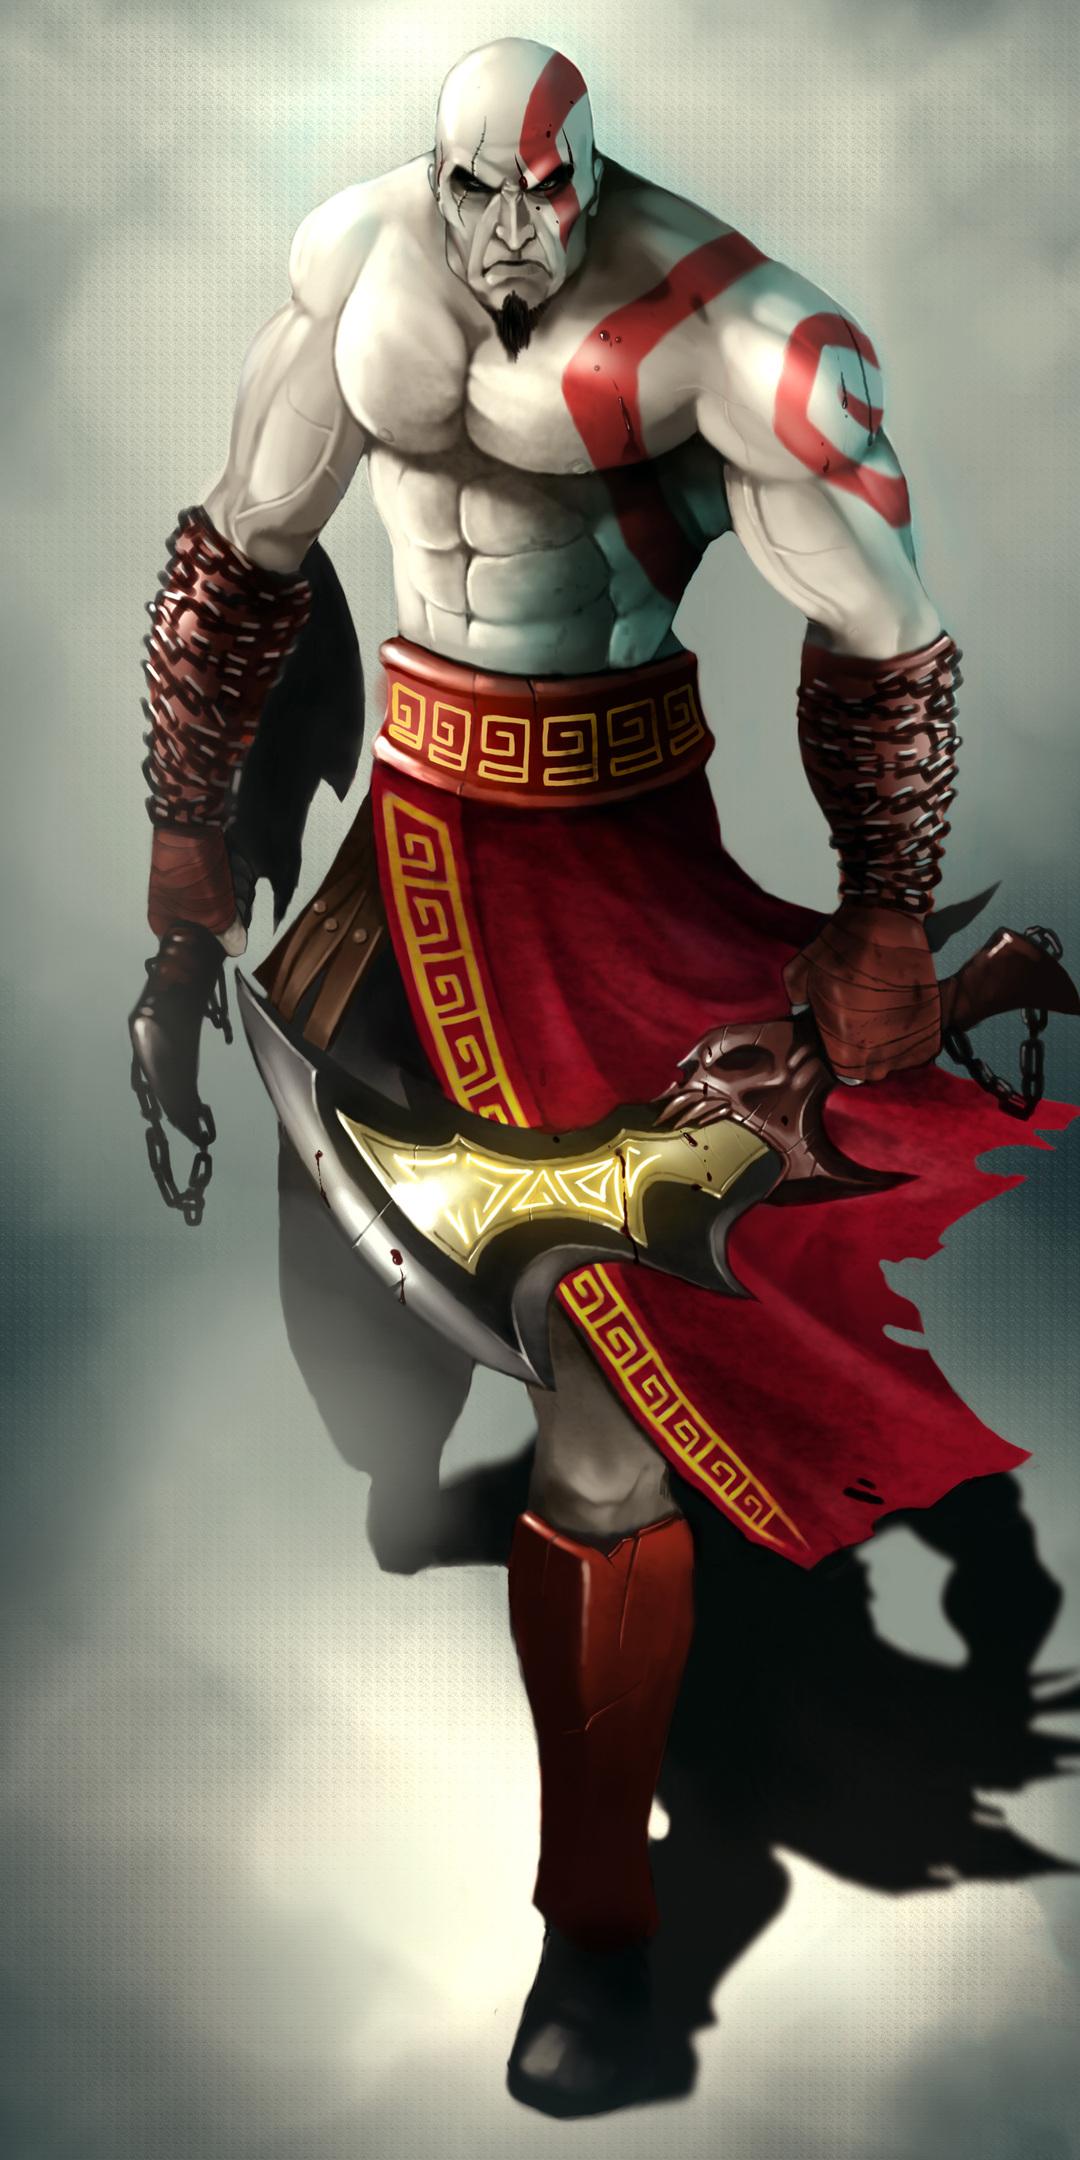 kratos-god-of-war-4k-art-fw.jpg